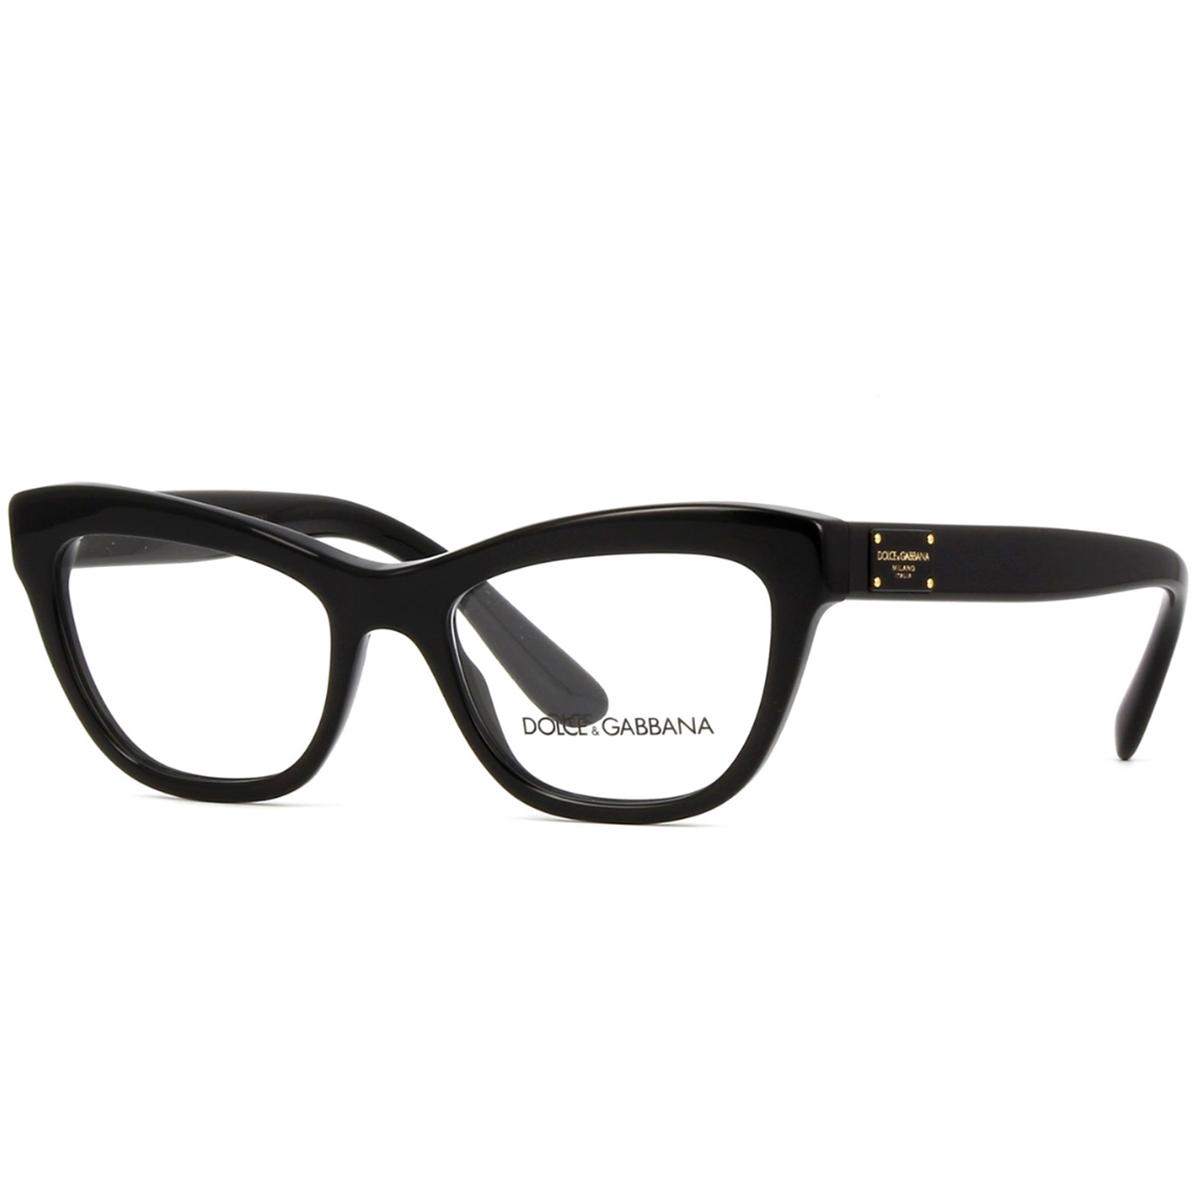 Óculos de Grau - Dolce   Gabbana - Altura da Lente  35 mm 9d9169de65